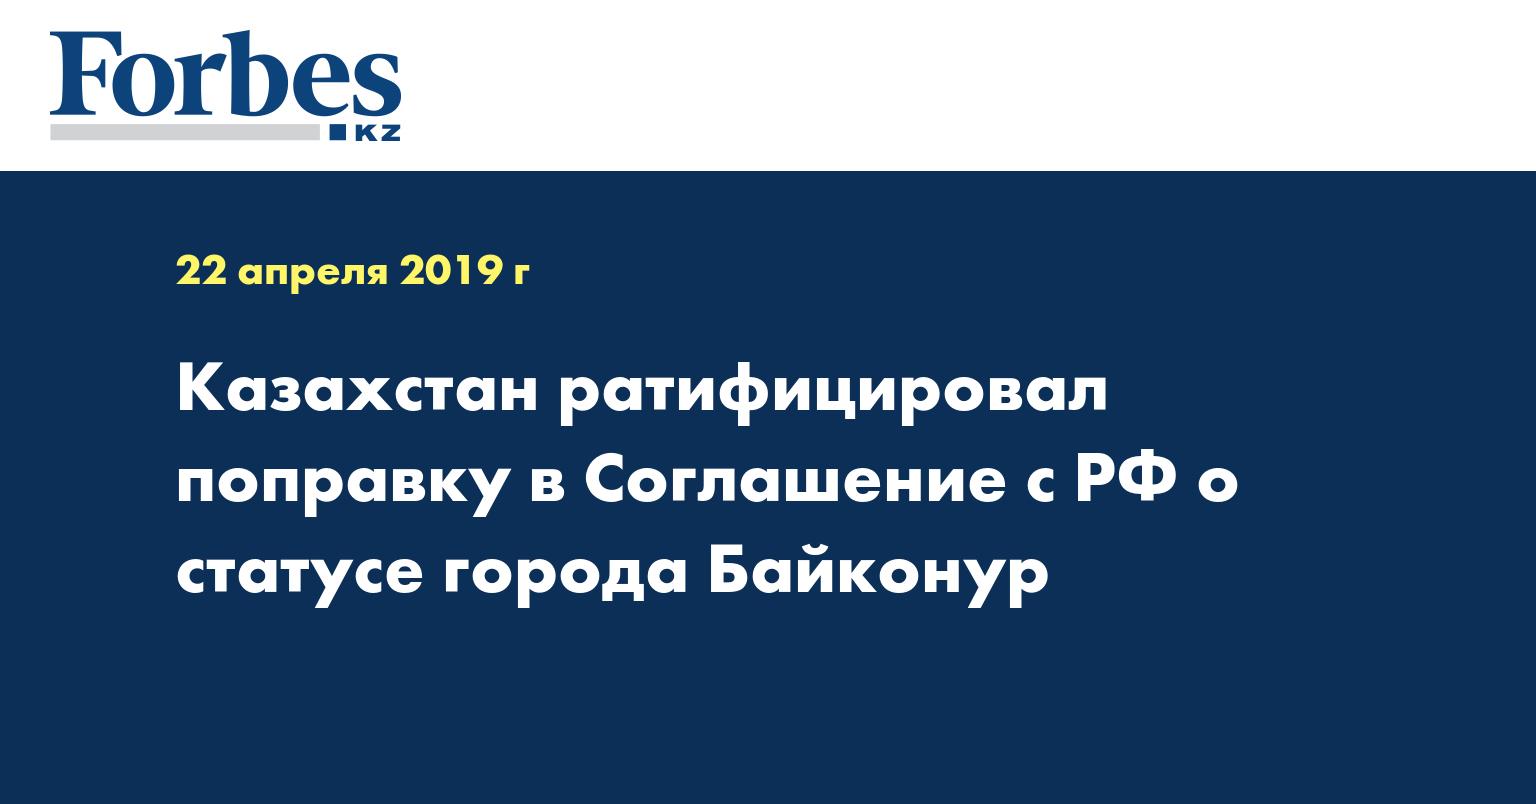 Казахстан ратифицировал поправку в Соглашение с РФ о статусе города Байконур